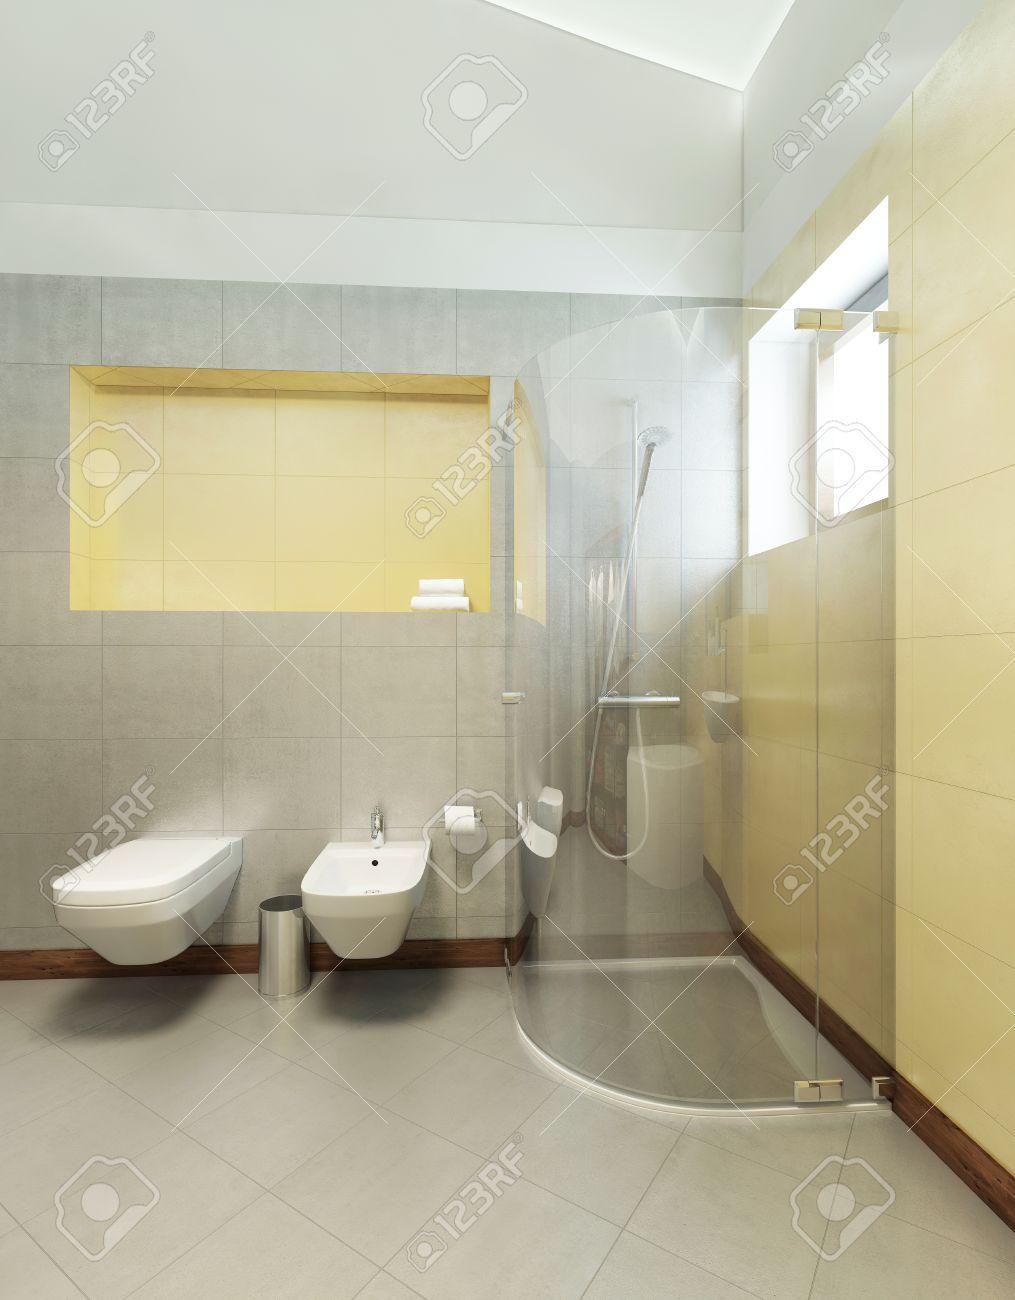 Cuarto de baño en estilo contemporáneo. Cuarto de baño con azulejos grises  y amarillas en las paredes de una cabina de ducha, lavabo, inodoro y bidé.  ...